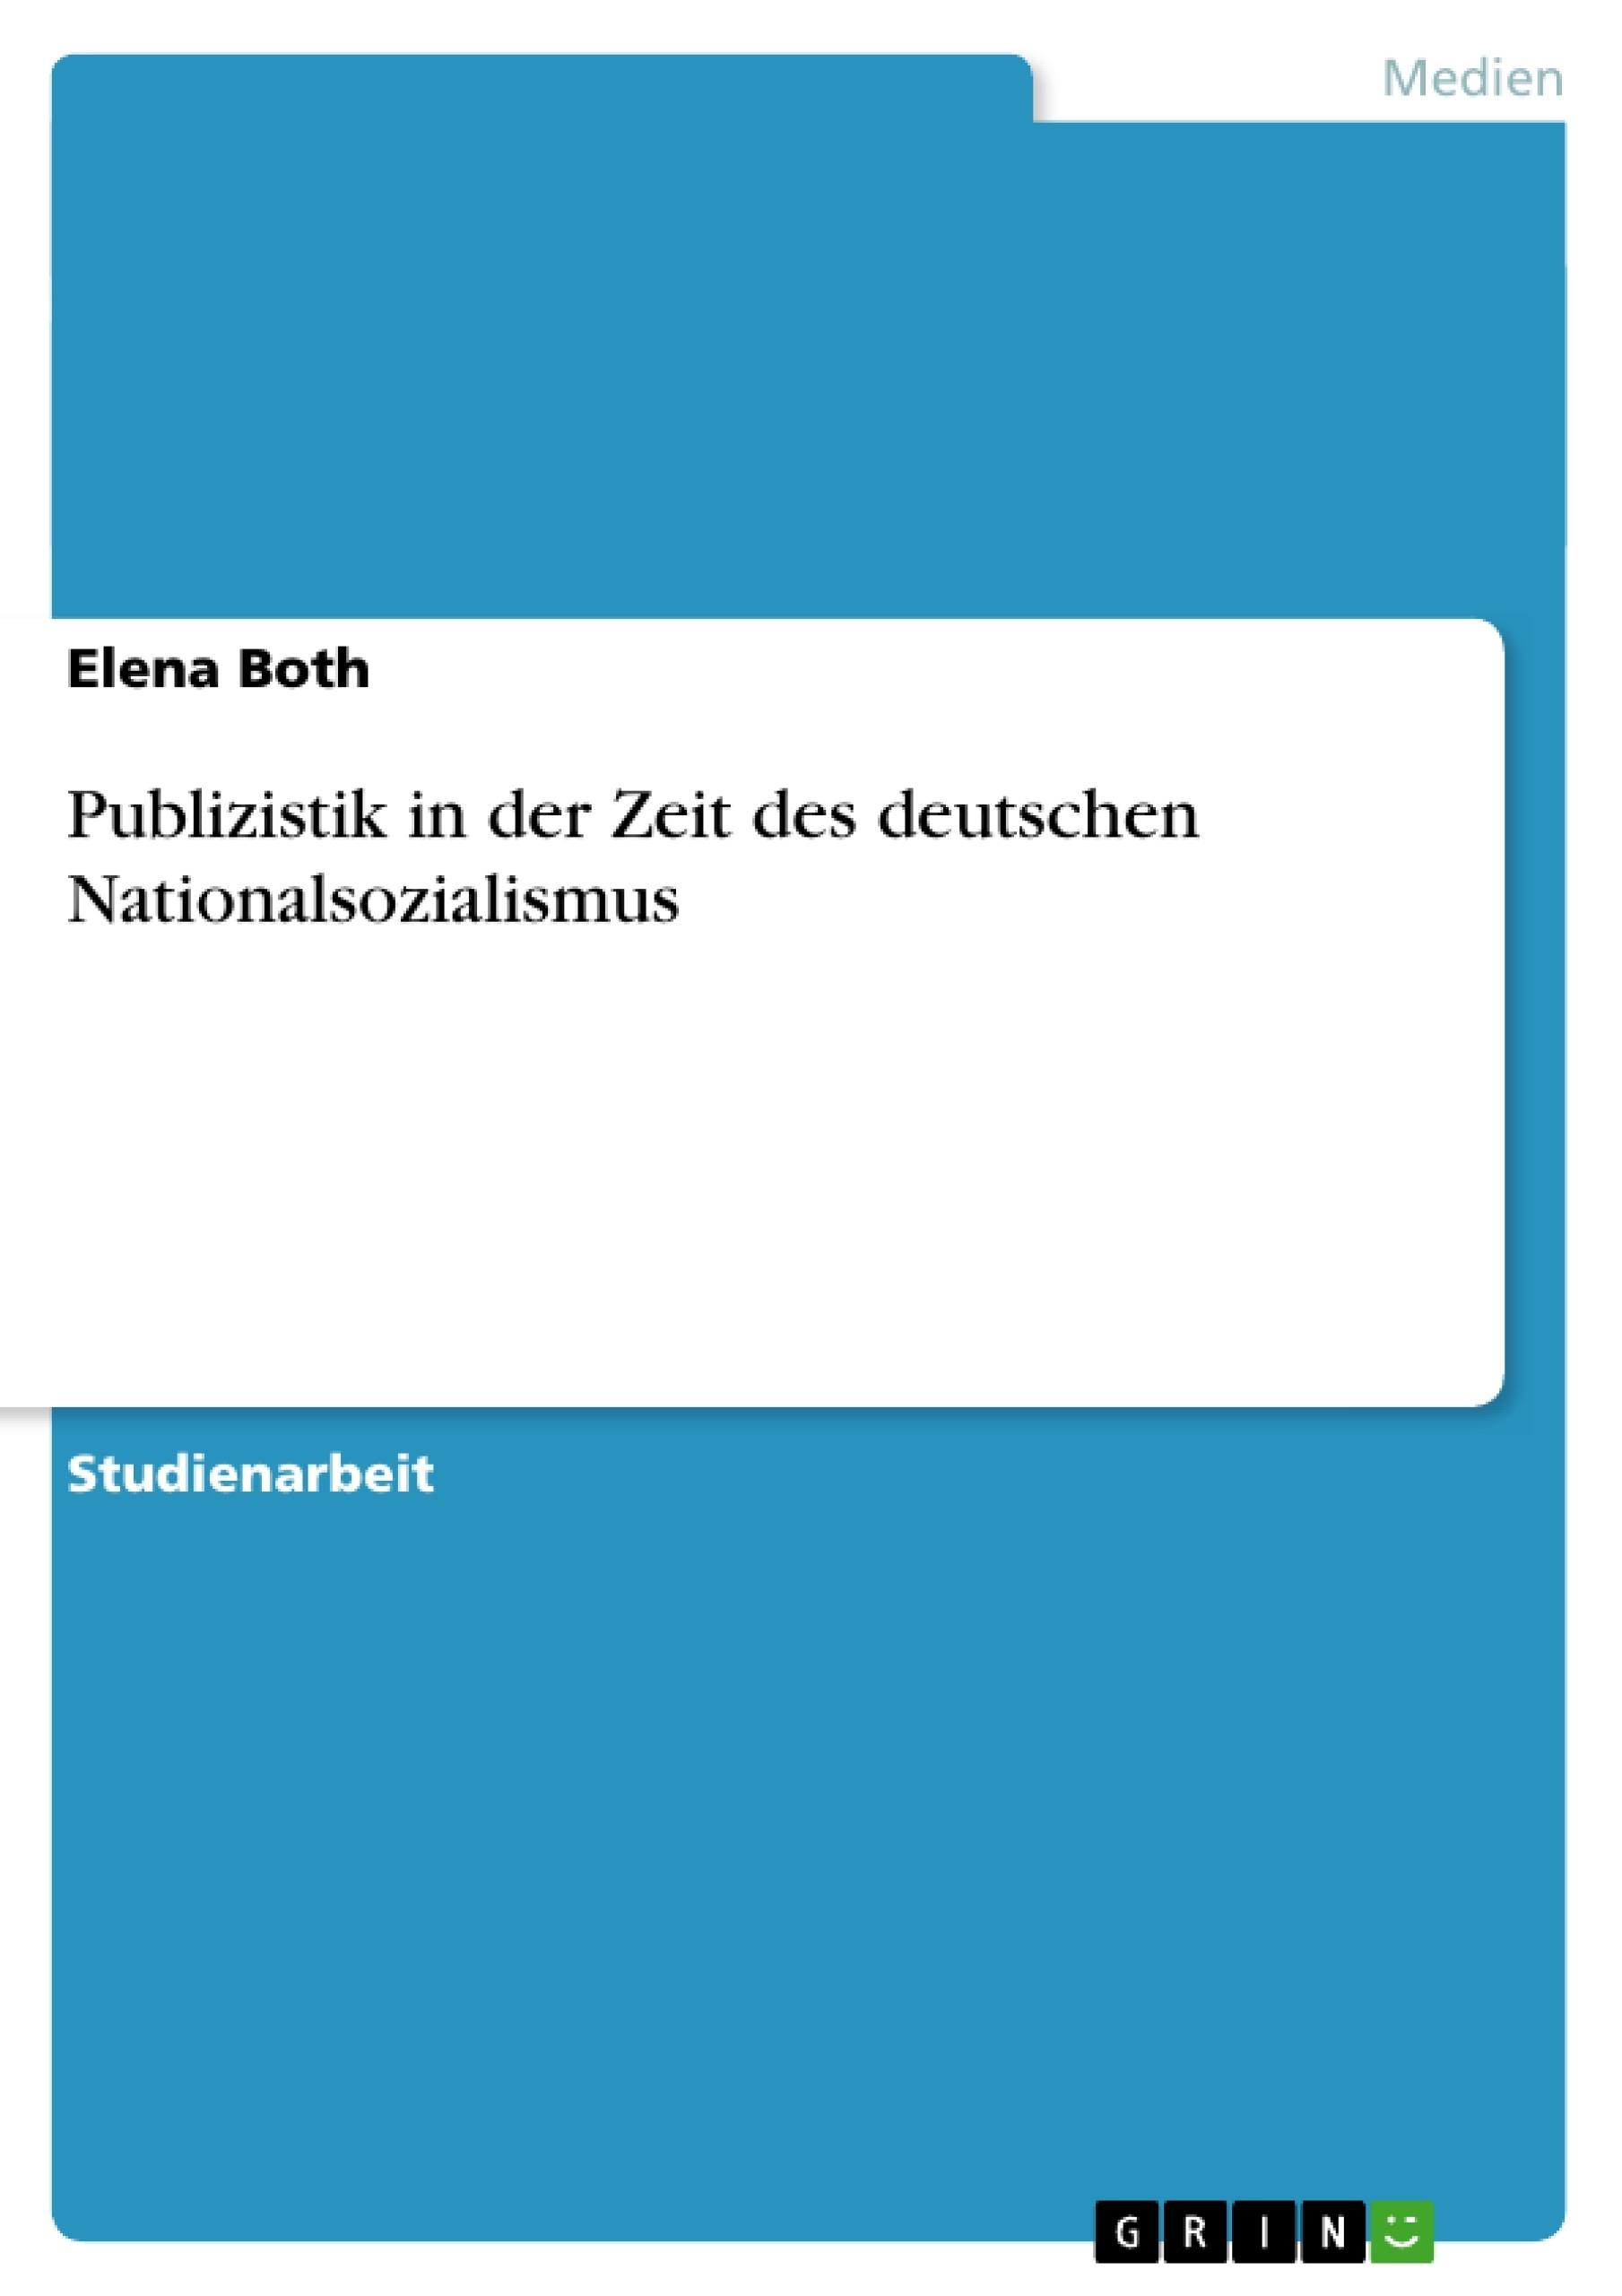 Titel: Publizistik in der Zeit des deutschen Nationalsozialismus